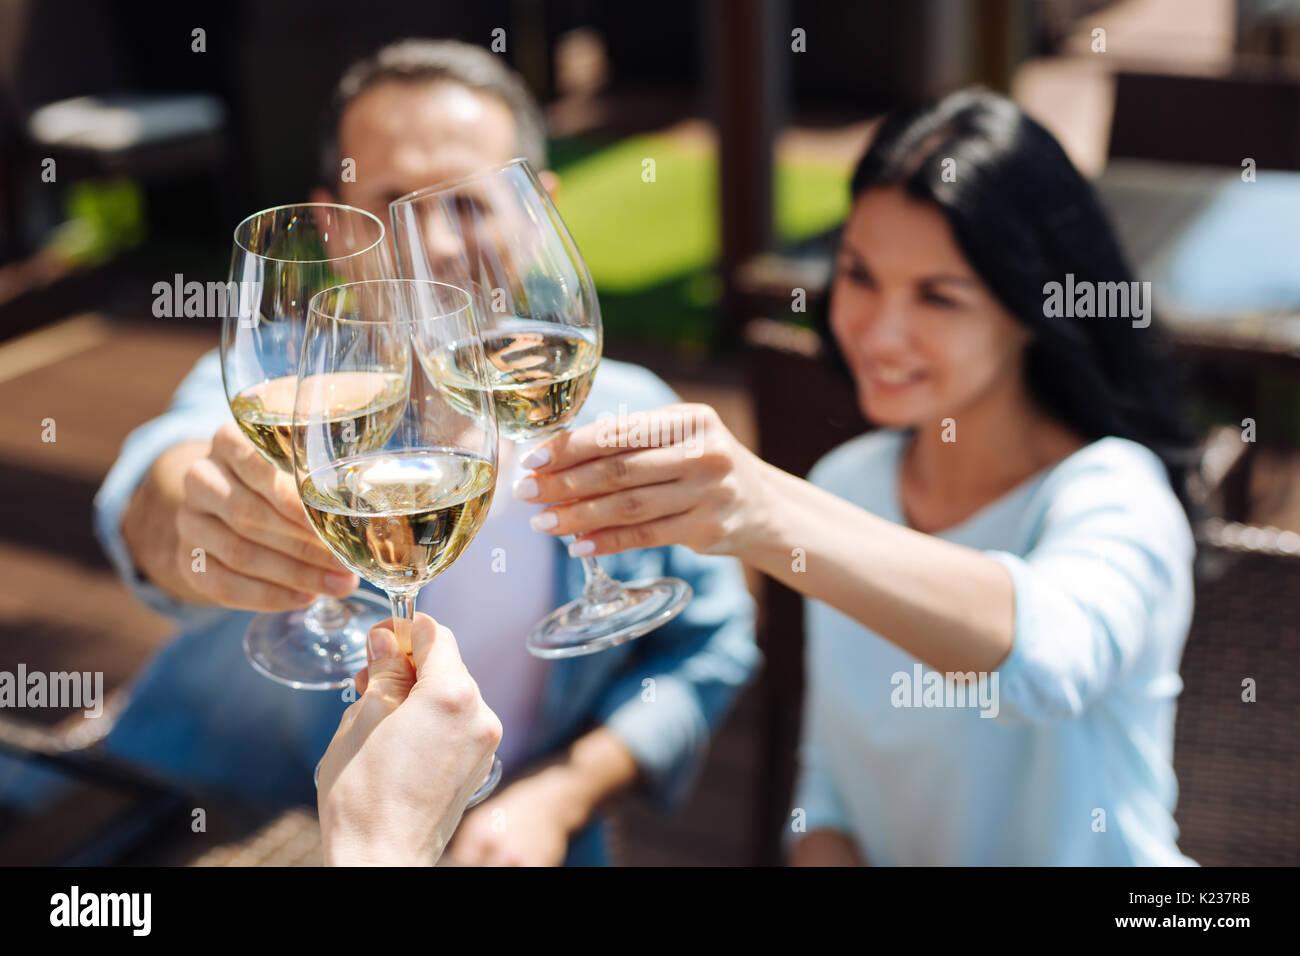 Messa a fuoco selettiva di bicchieri riempiti di vino Immagini Stock